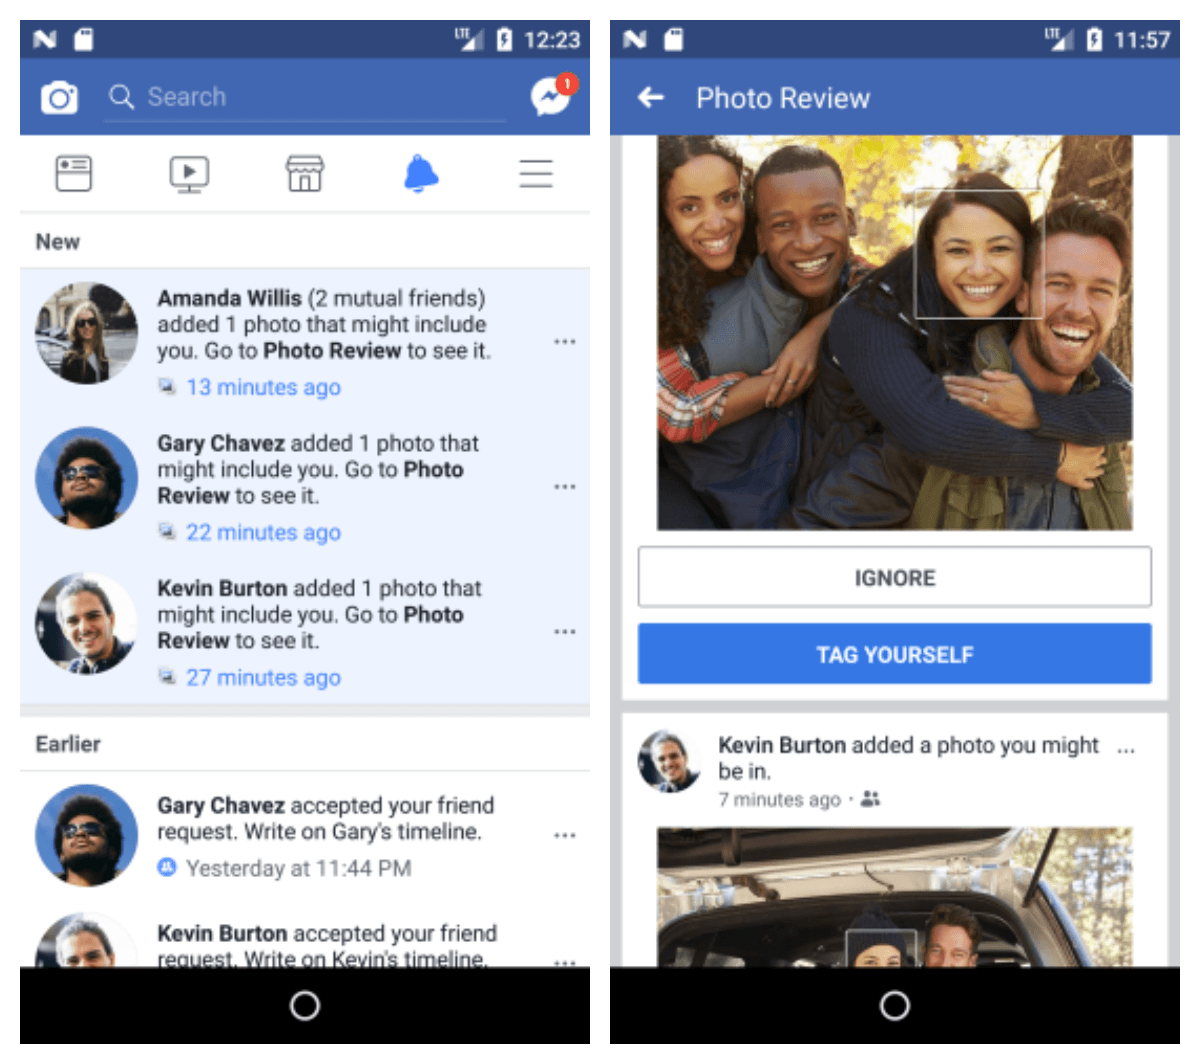 La reconnaissance faciale pour éviter les usurpations de compte — Facebook